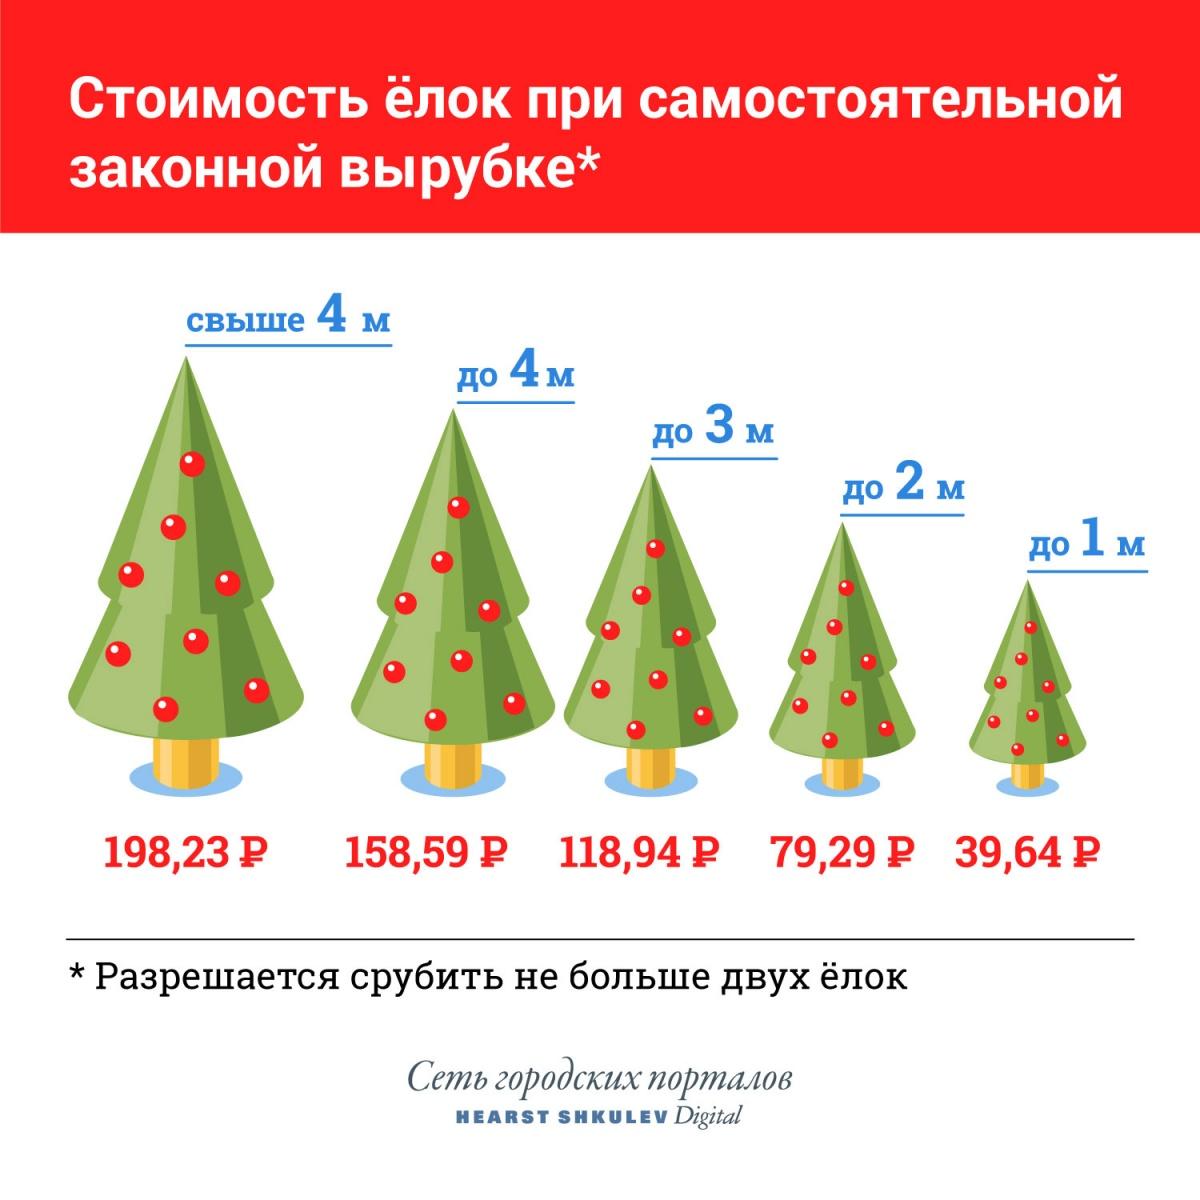 Инструкция E1.RU для тех, кого послали в лес:где на Урале законно срубить ёлку и сколько это стоит